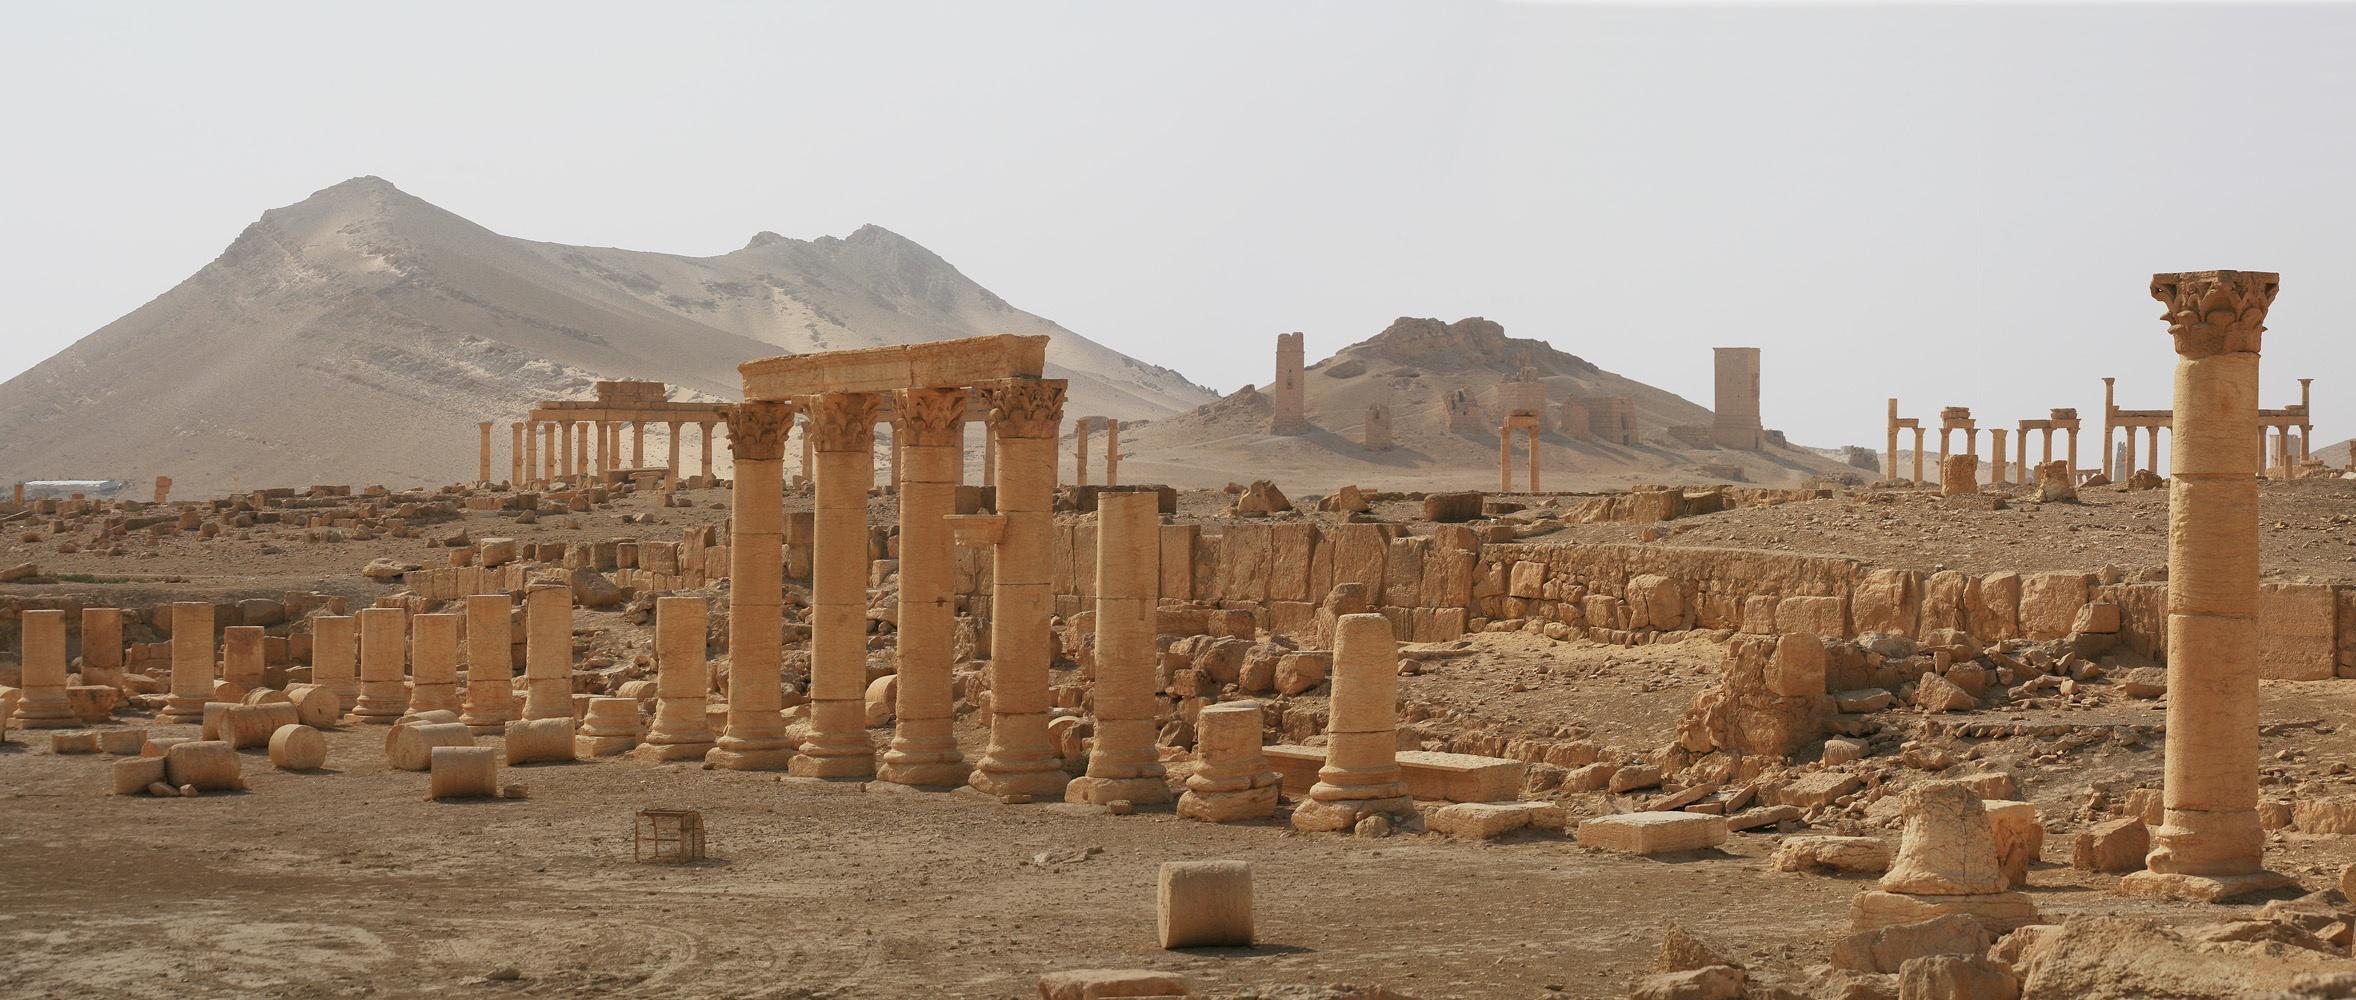 palmyrapan Caravanserai and Tombs,  Palmyra, Syria, 2008